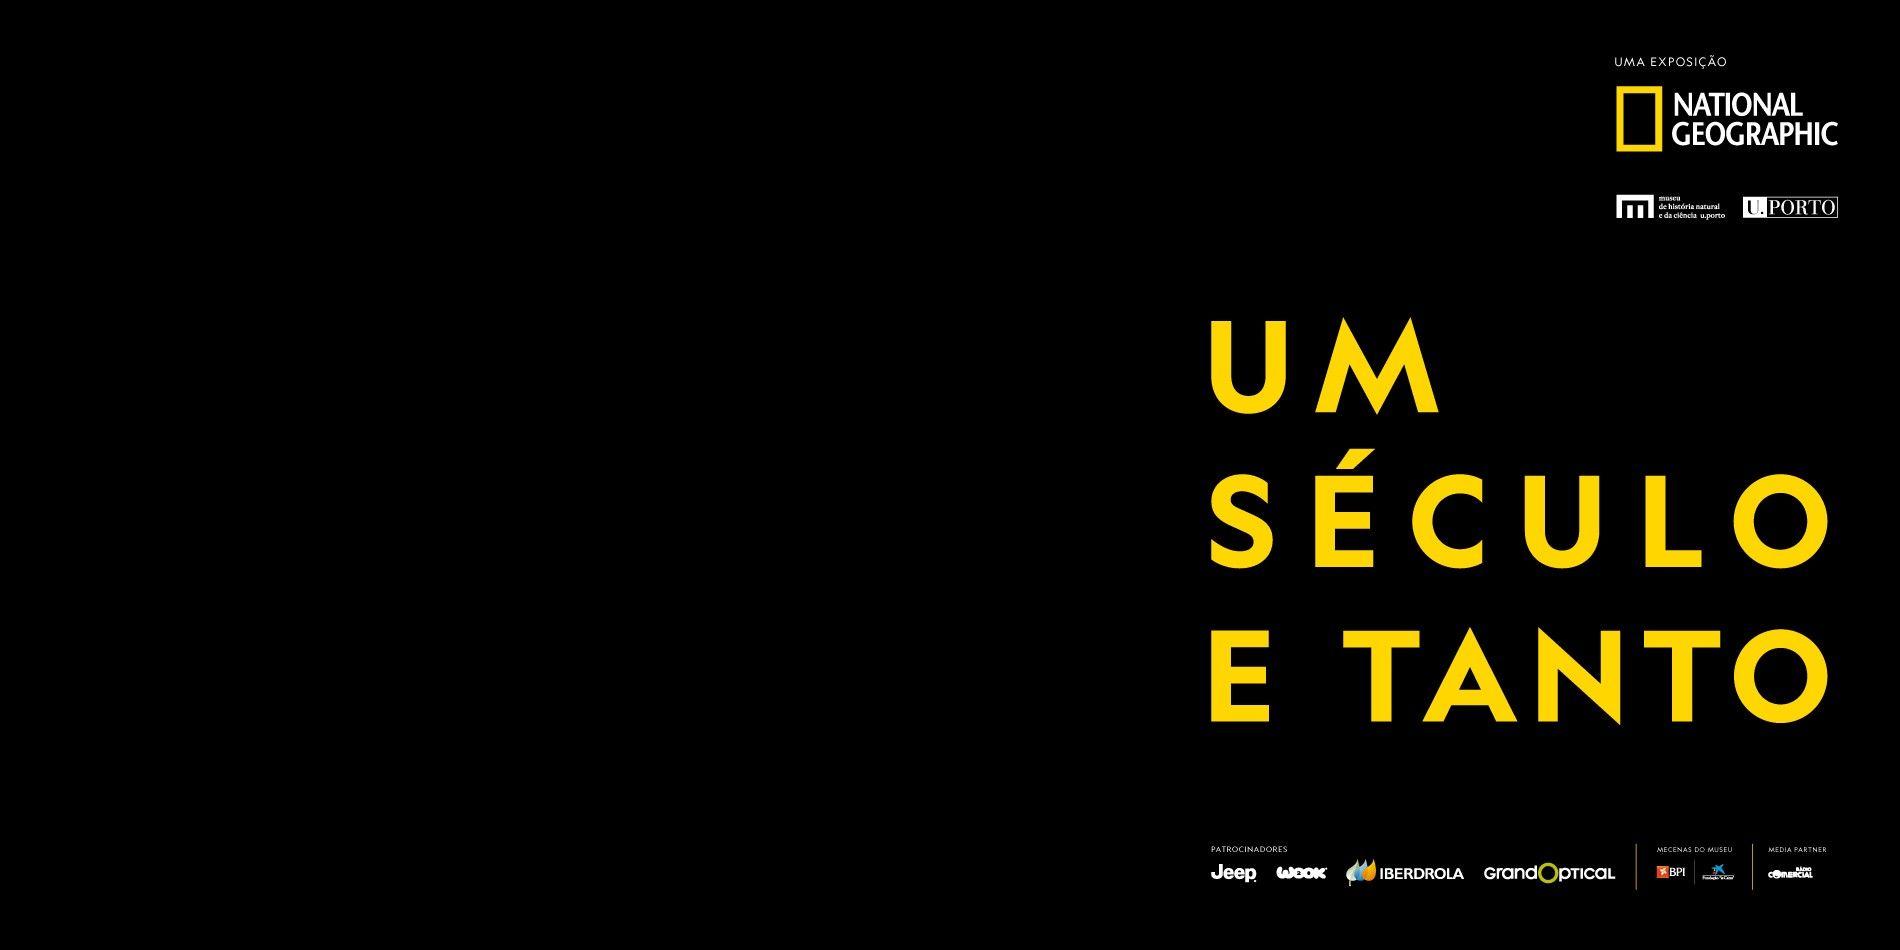 130 Anos da National Geographic em Exposição no Porto